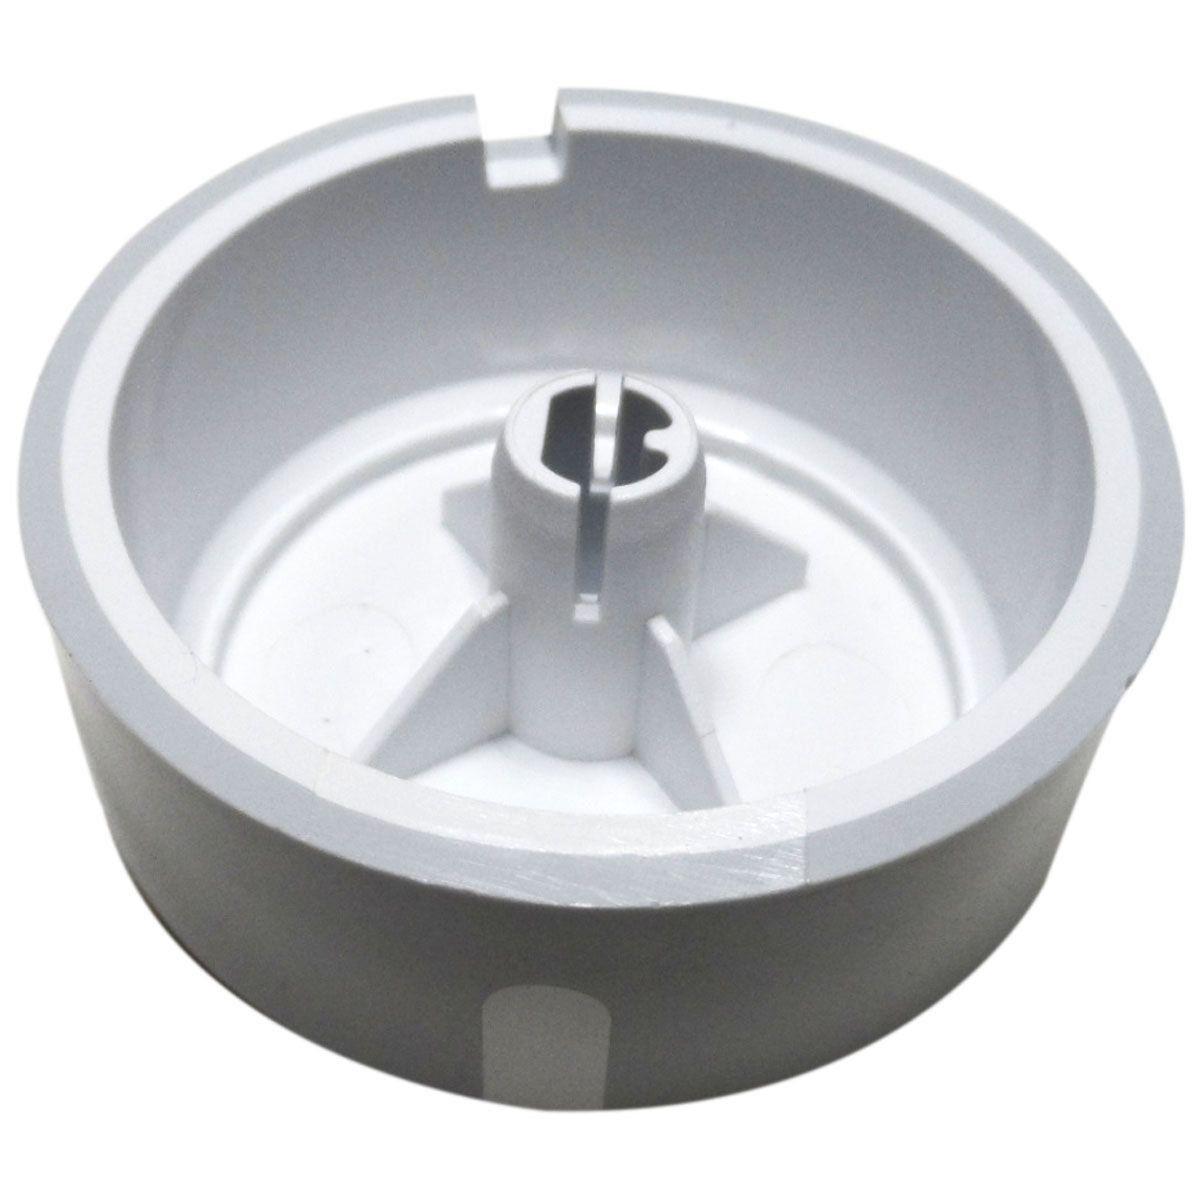 Botão Pressostato Lavadora Electrolux 67400344